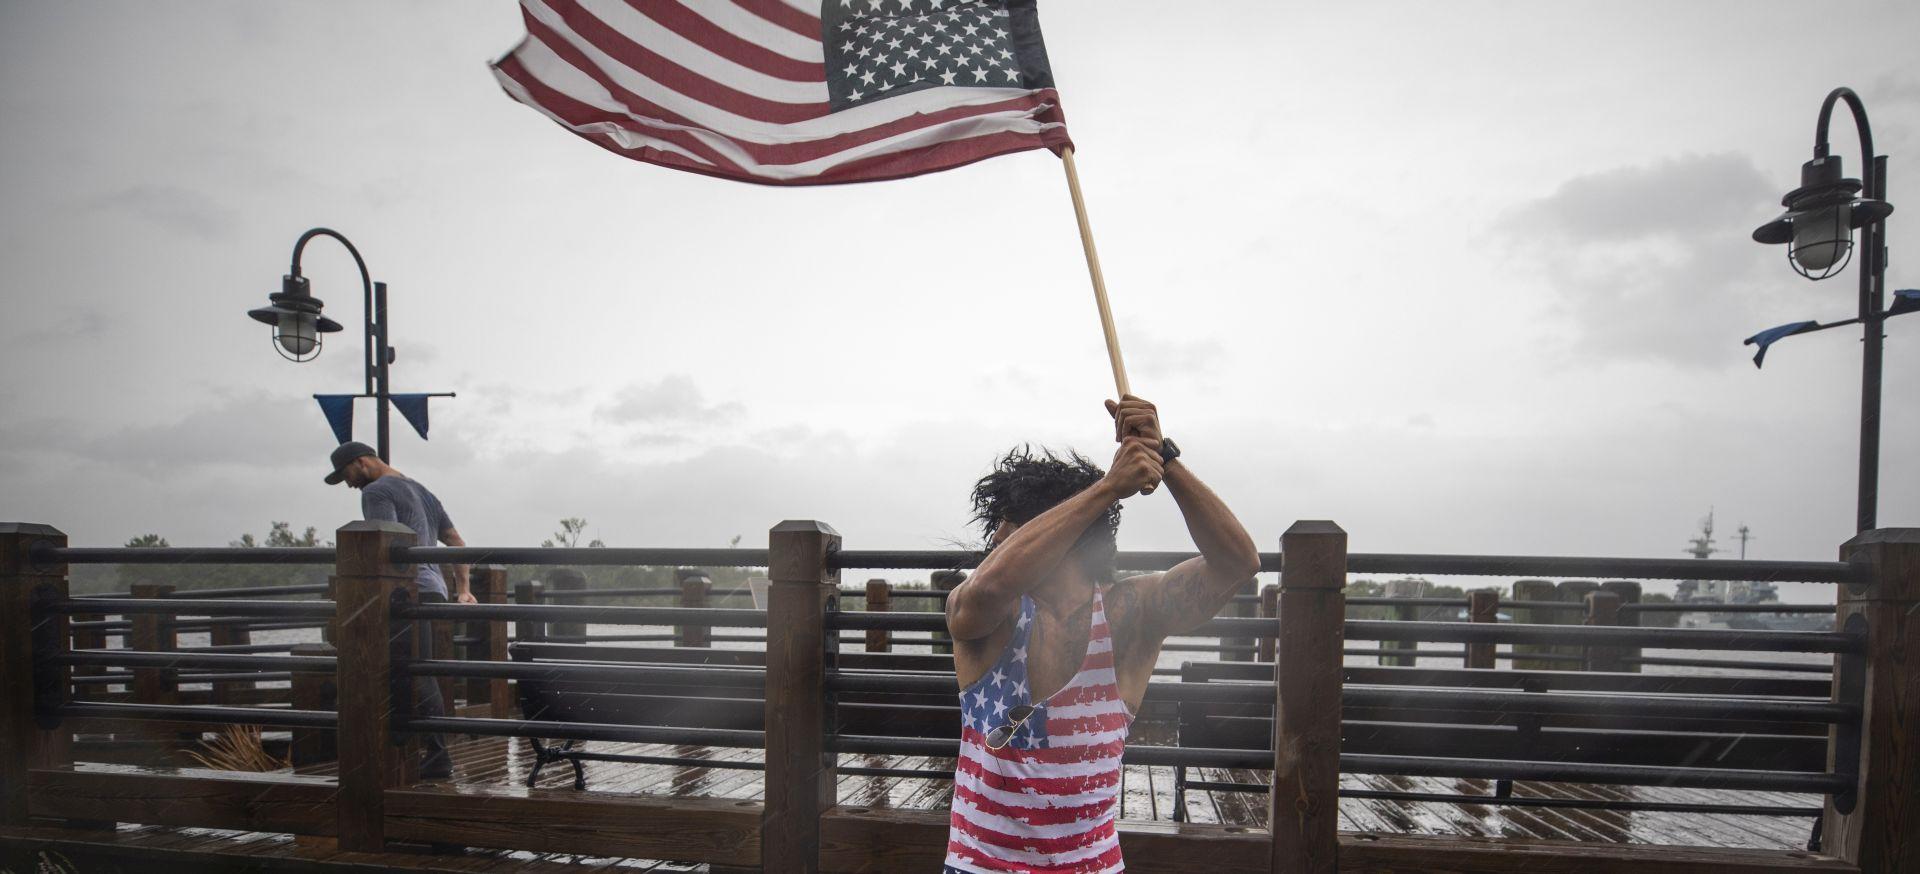 IZDANA BROJNA UPOZORENJA Uragan Florence stigao do SAD-a